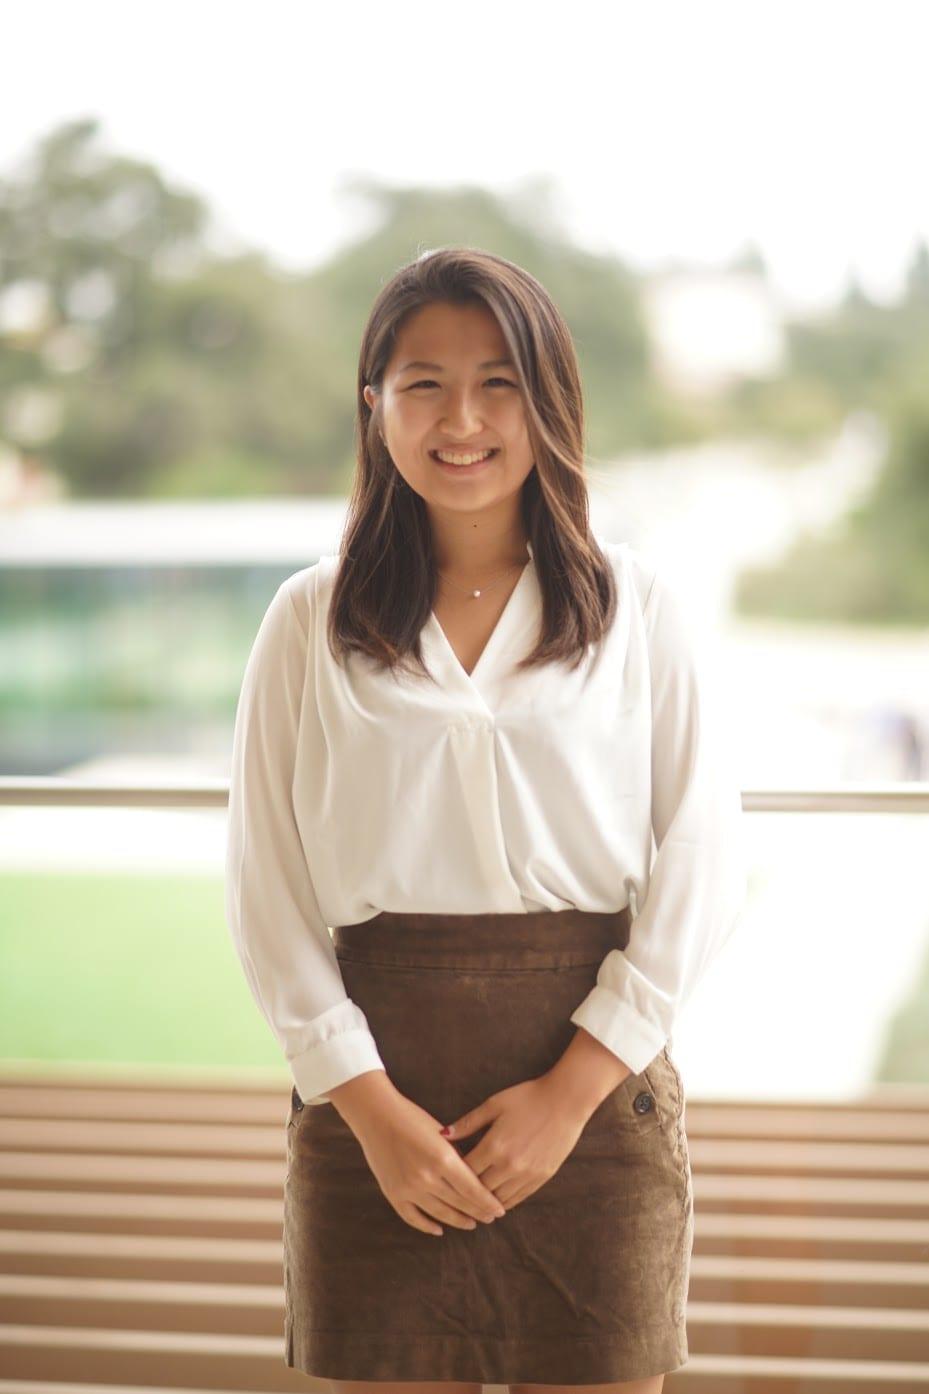 Kirara Tsutsui POM'21, Anaylst